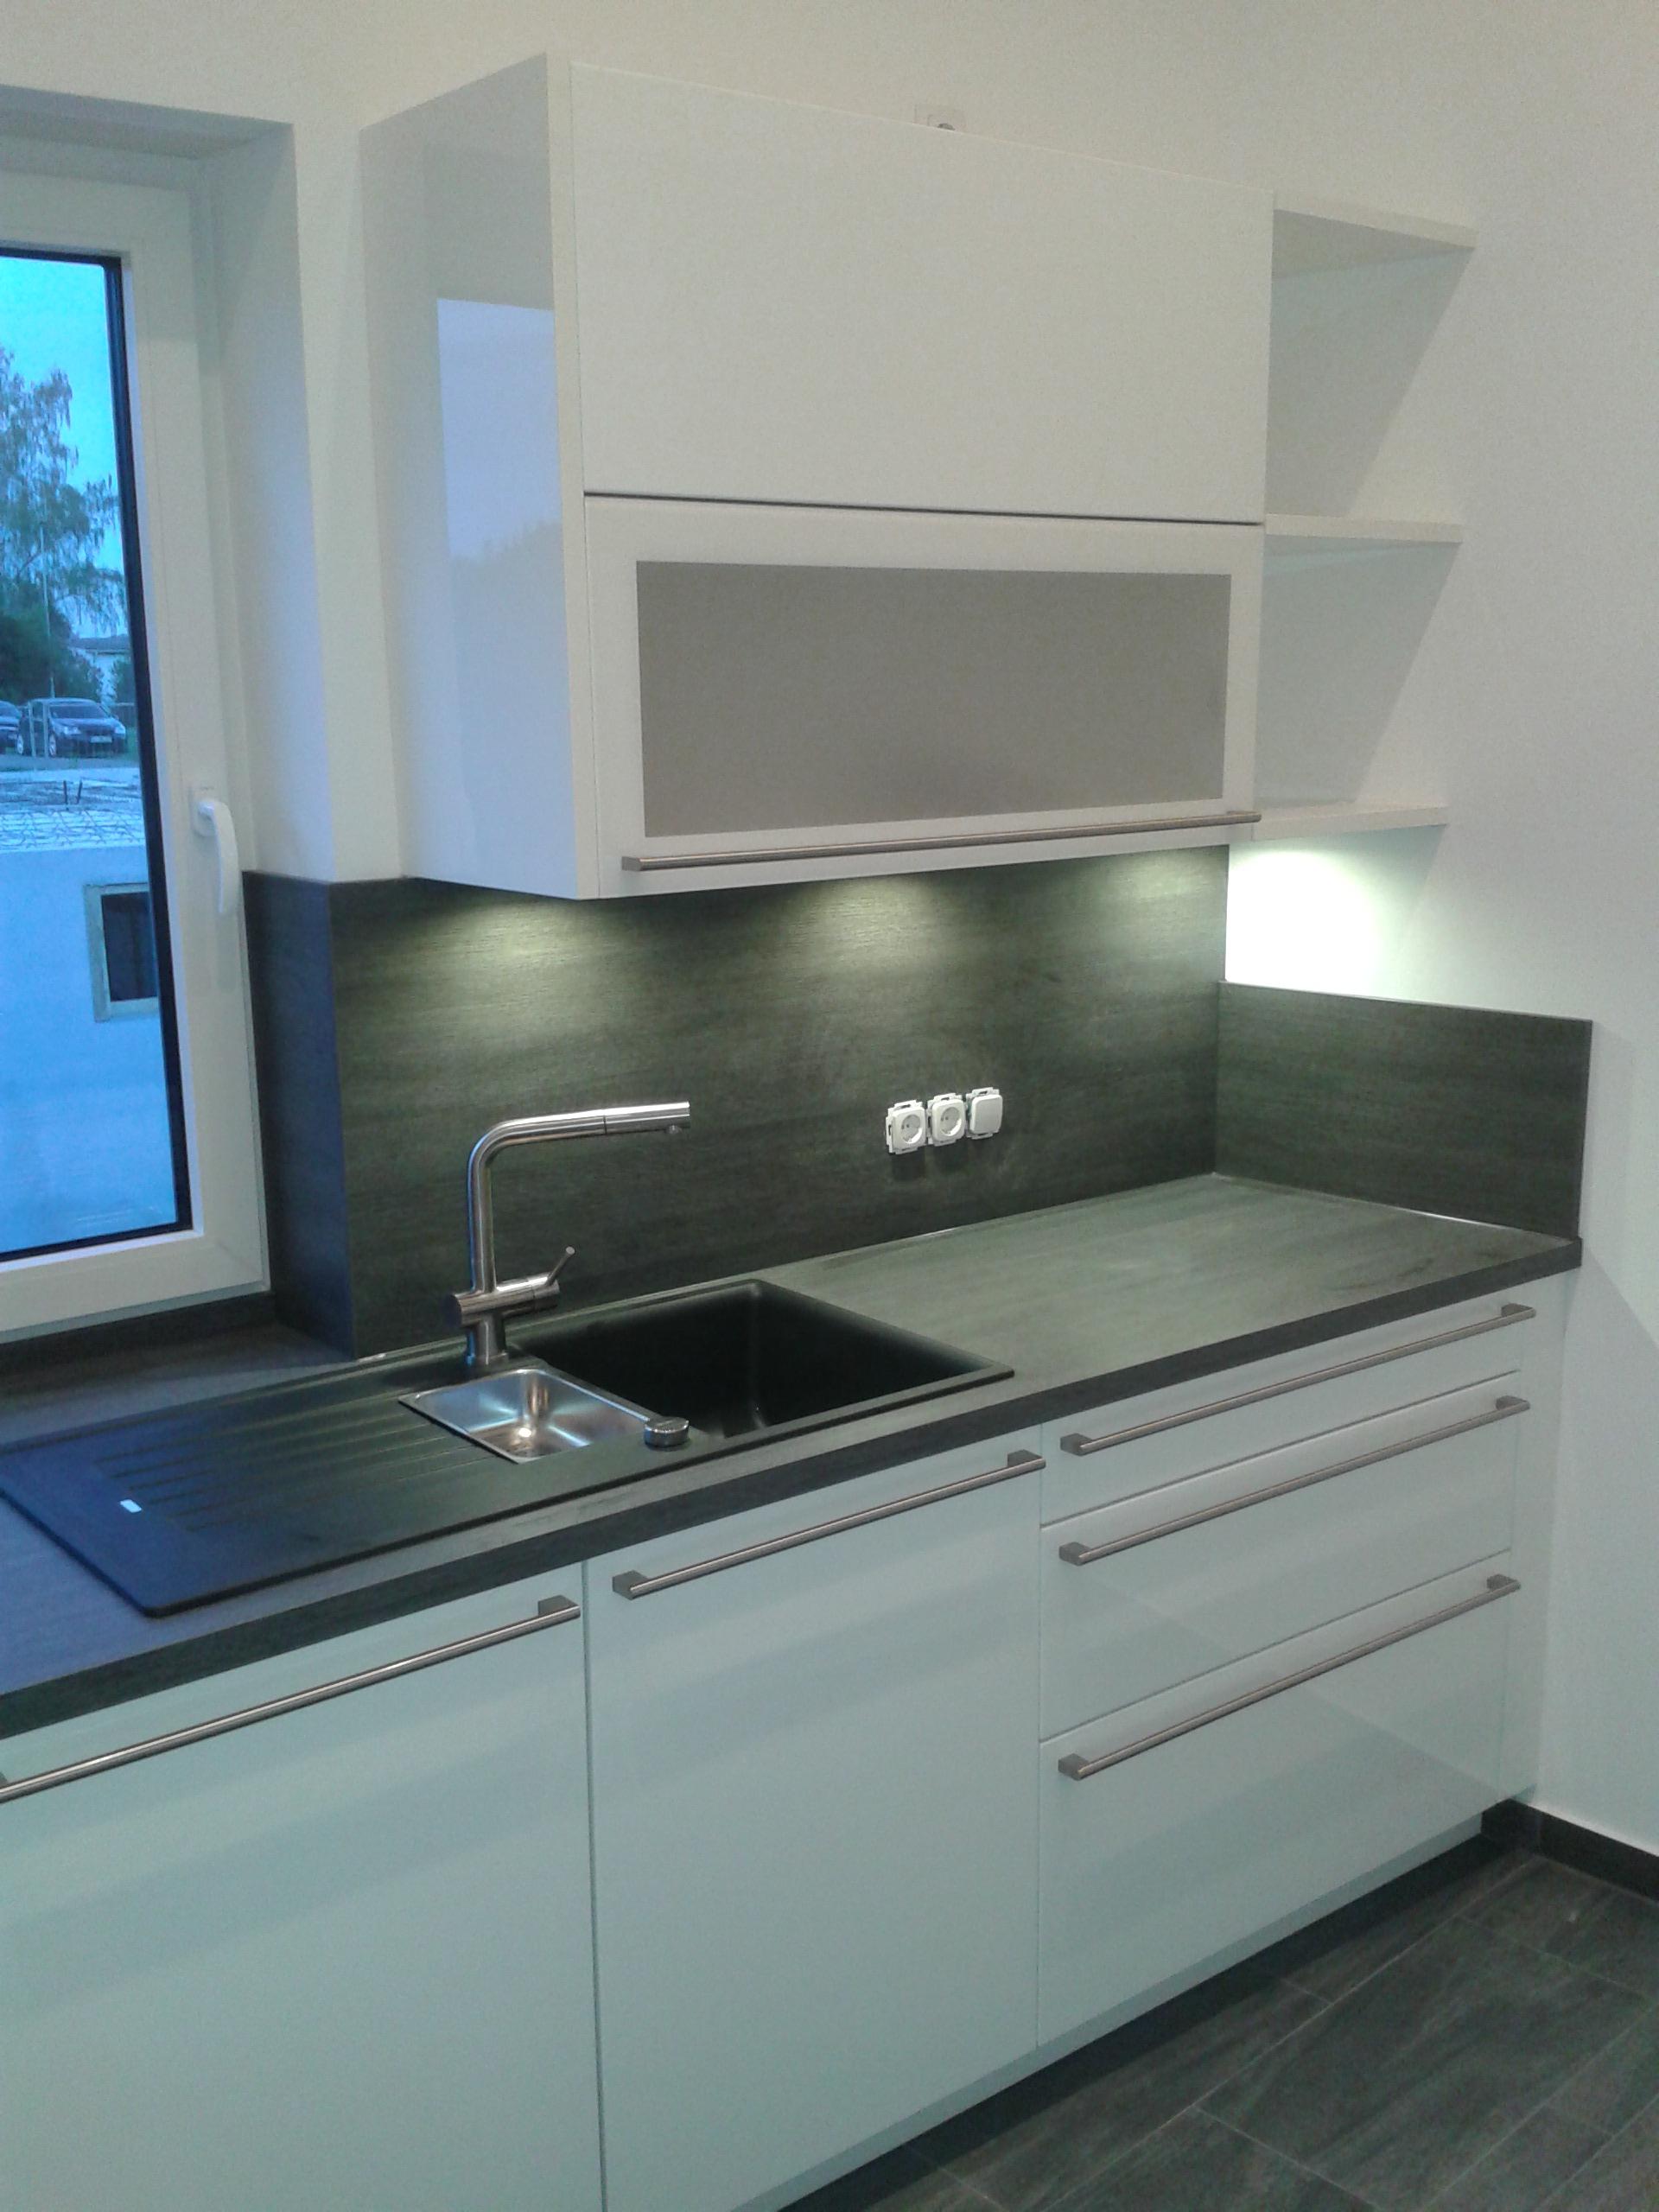 Ziemlich Weiß Glänzend Küchenschranktür Bilder - Ideen Für Die Küche ...